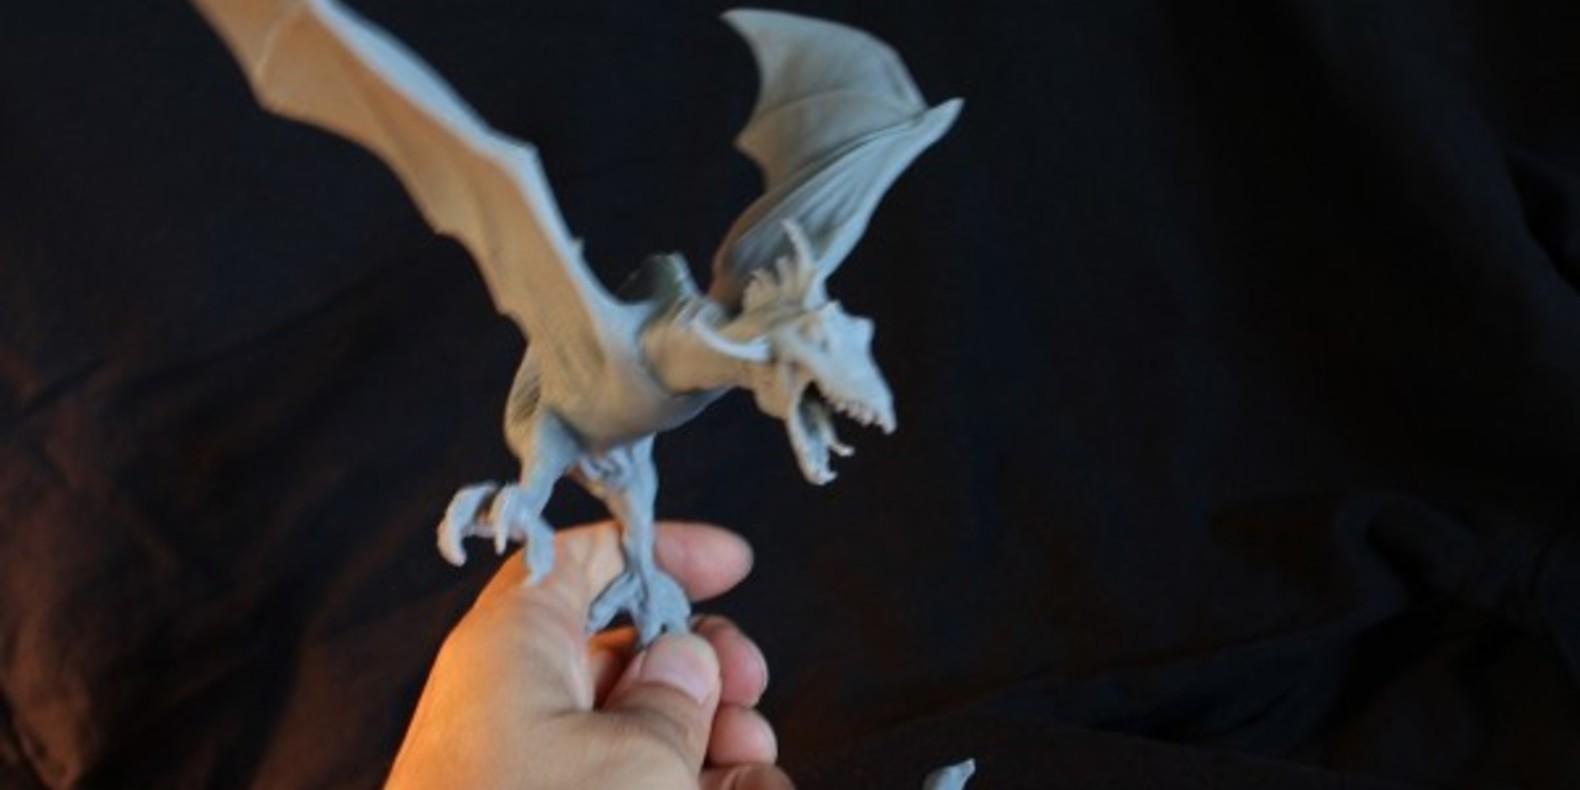 dragon-milos-tutus-fichier-3d-stl-cults-5